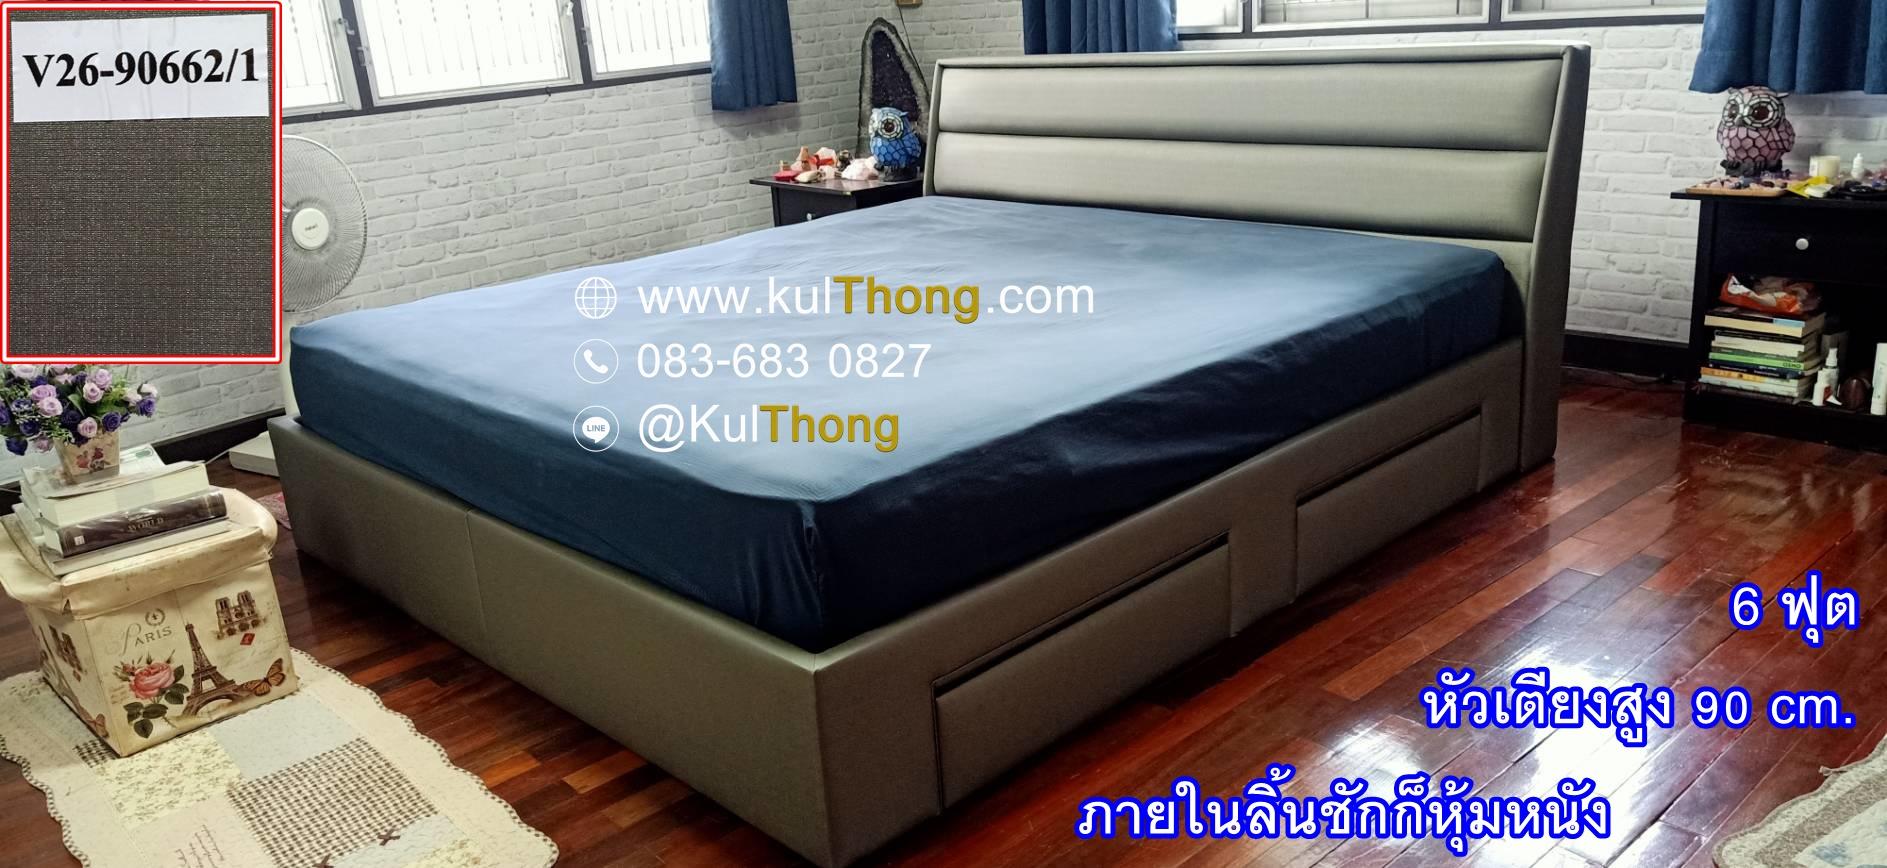 เตียงสั่งทำ เตียงหุ้มหนัง ฐานรองที่นอน ฐานเตียงนอน